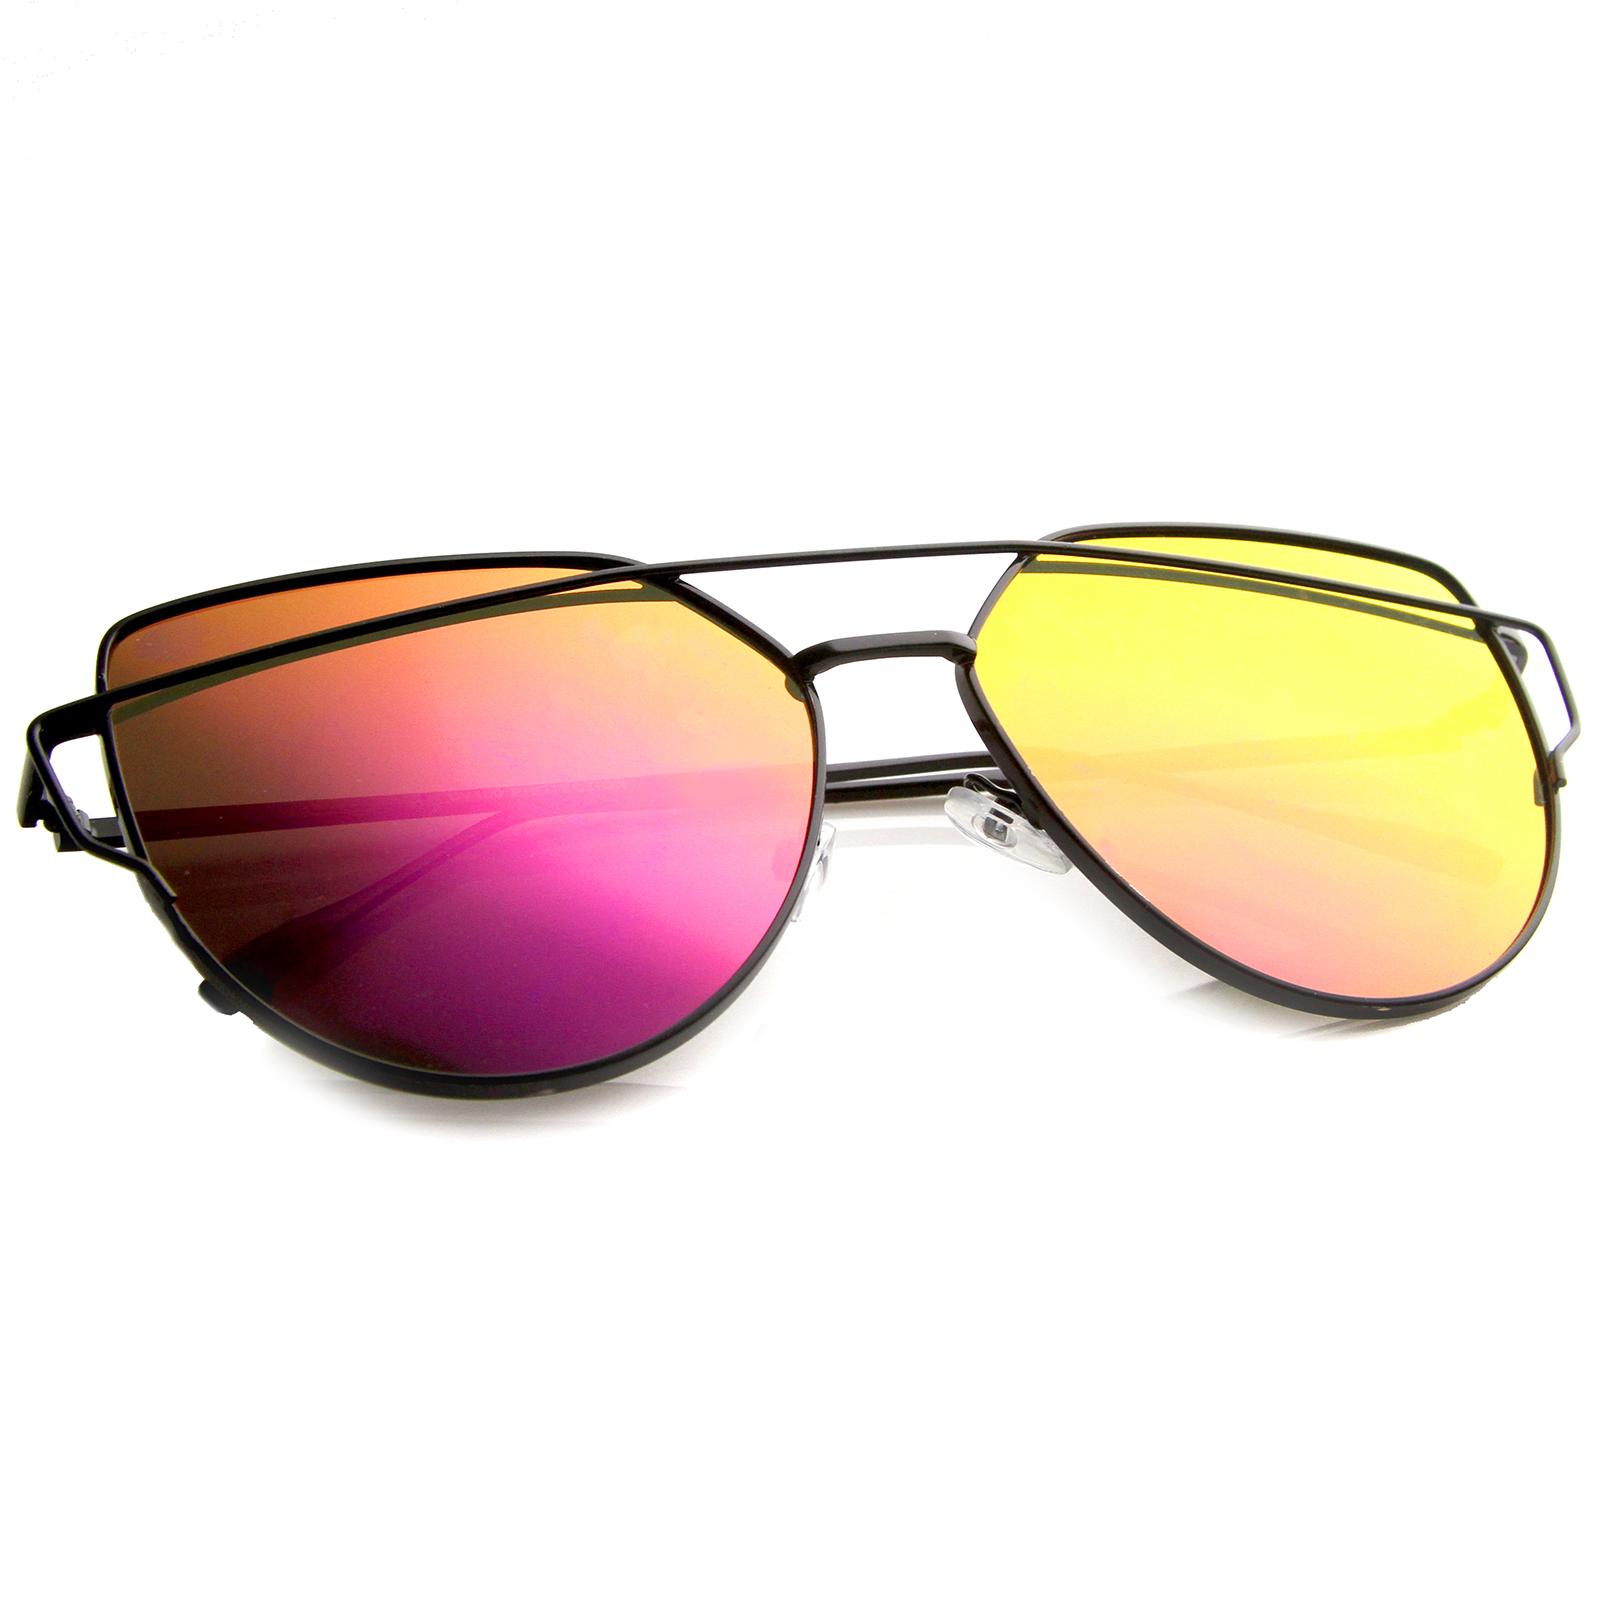 sunglassla Damen Retro Bold farbig Spiegel überdimensional rund Sonnenbrille PwCKh